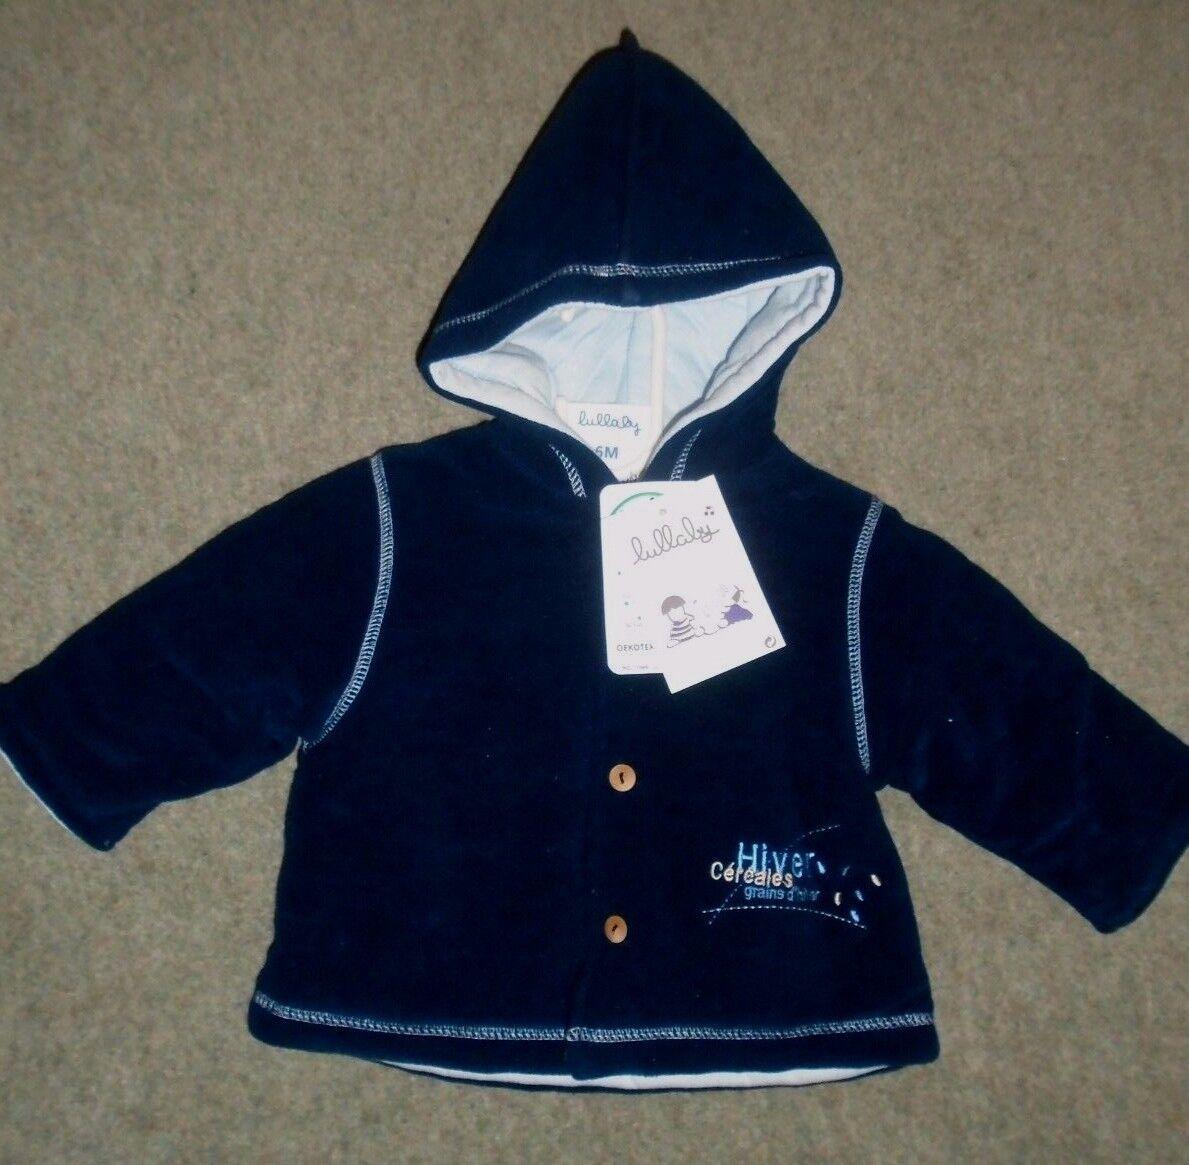 Baby-Lullaby Marineblau Fleece gefütterte Outdoorjacke mit Kapuze Alter 3mths / 62